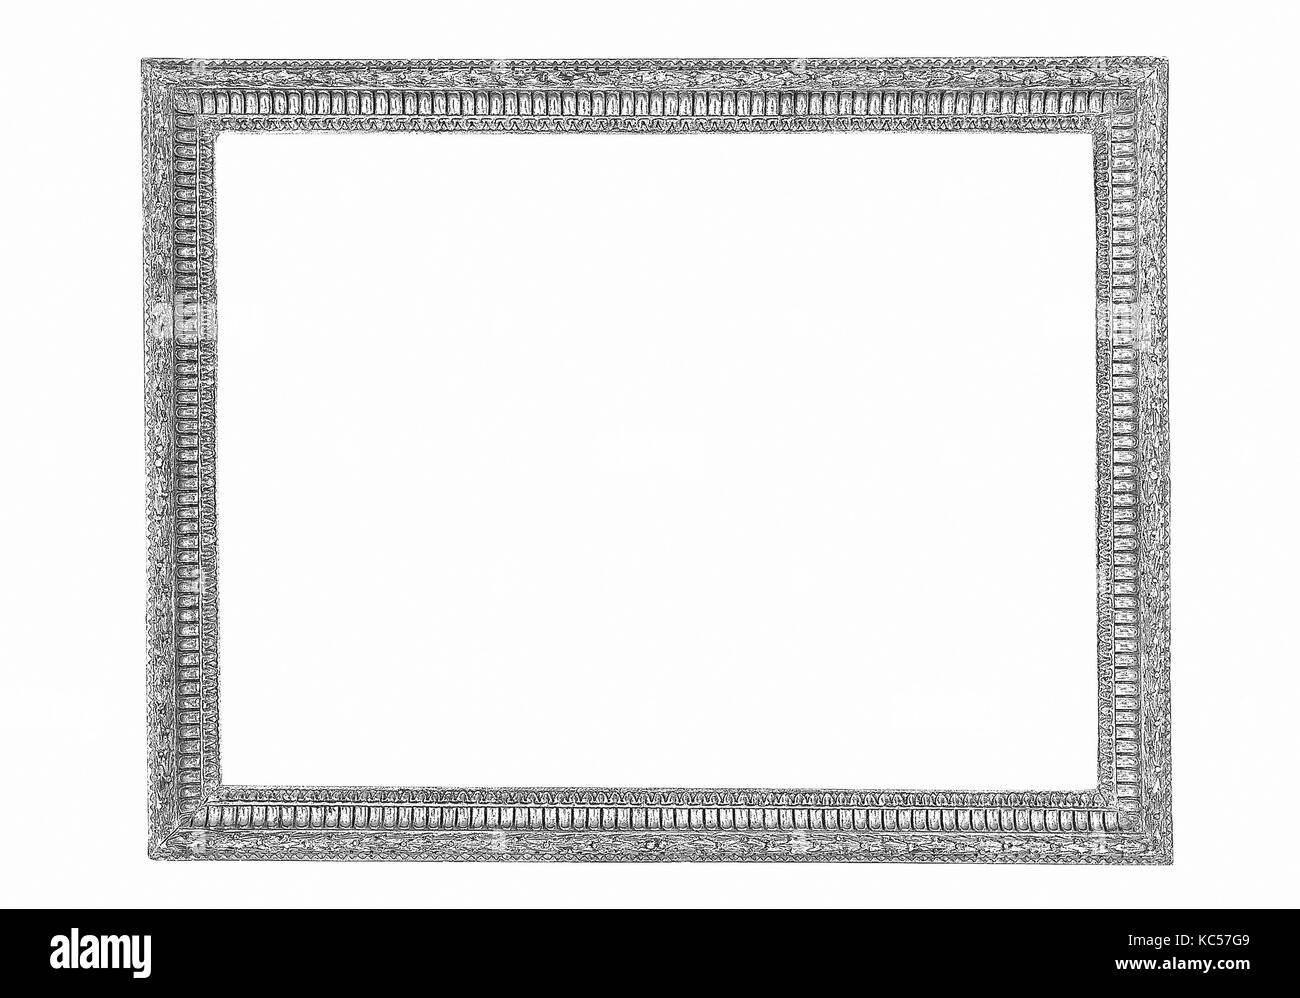 Ausgezeichnet 55 X 39 Rahmen Galerie - Benutzerdefinierte ...